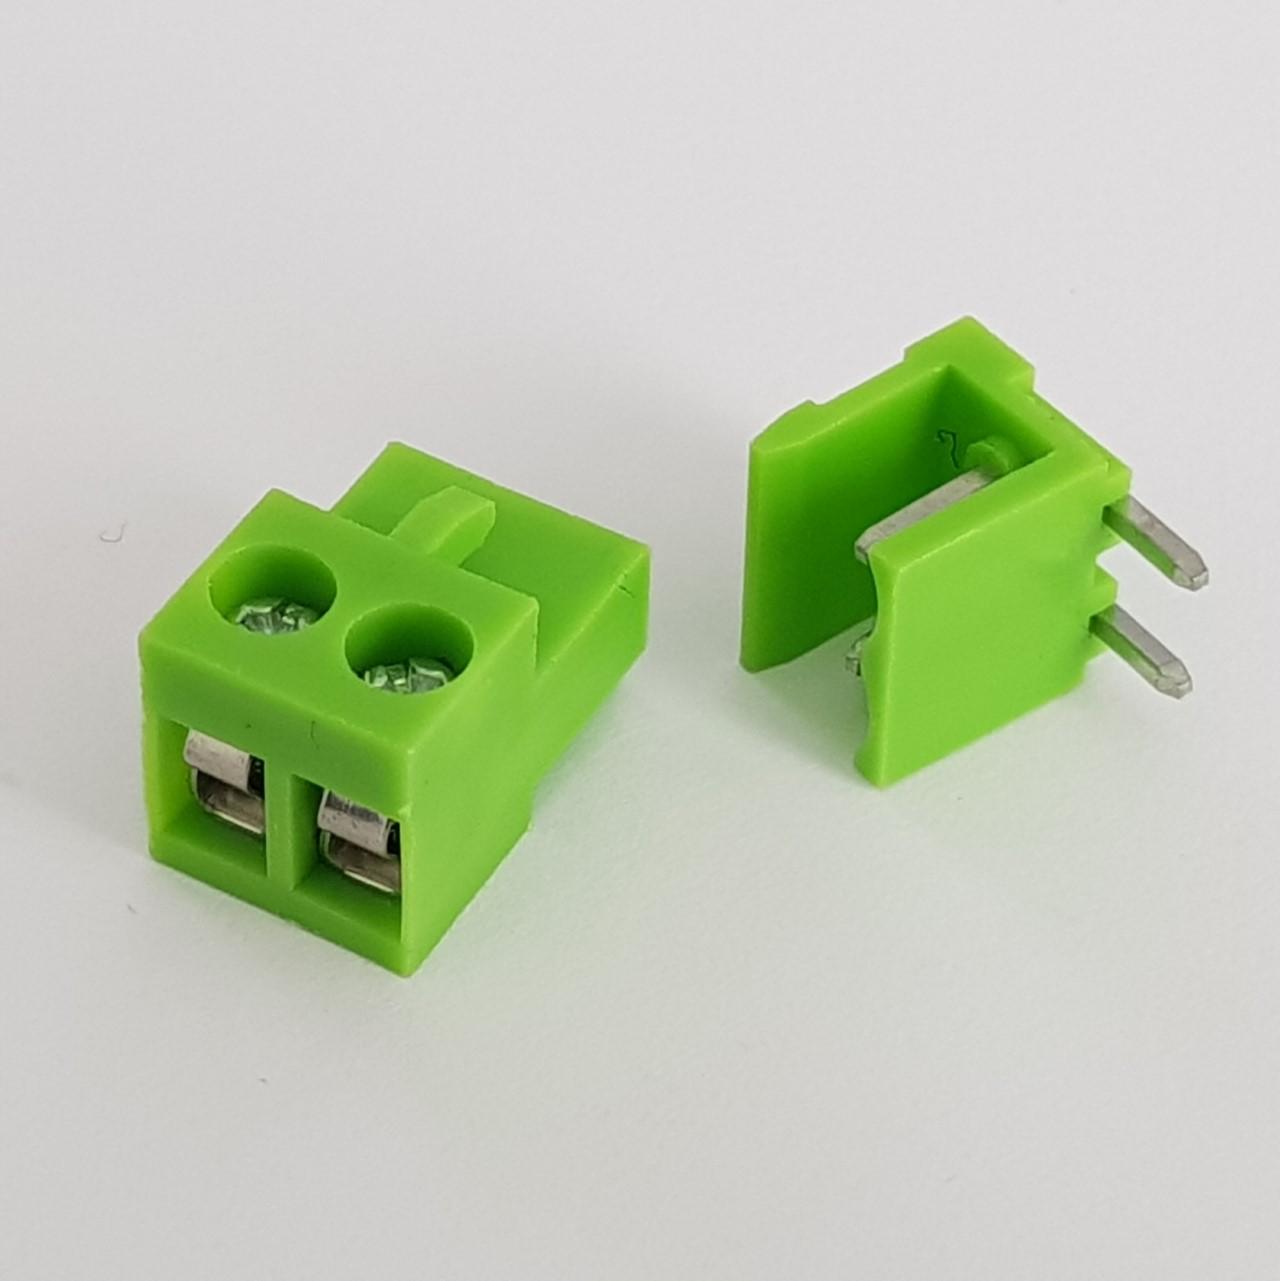 Conector 2pins PCB ht5.08 300V 10A Verde